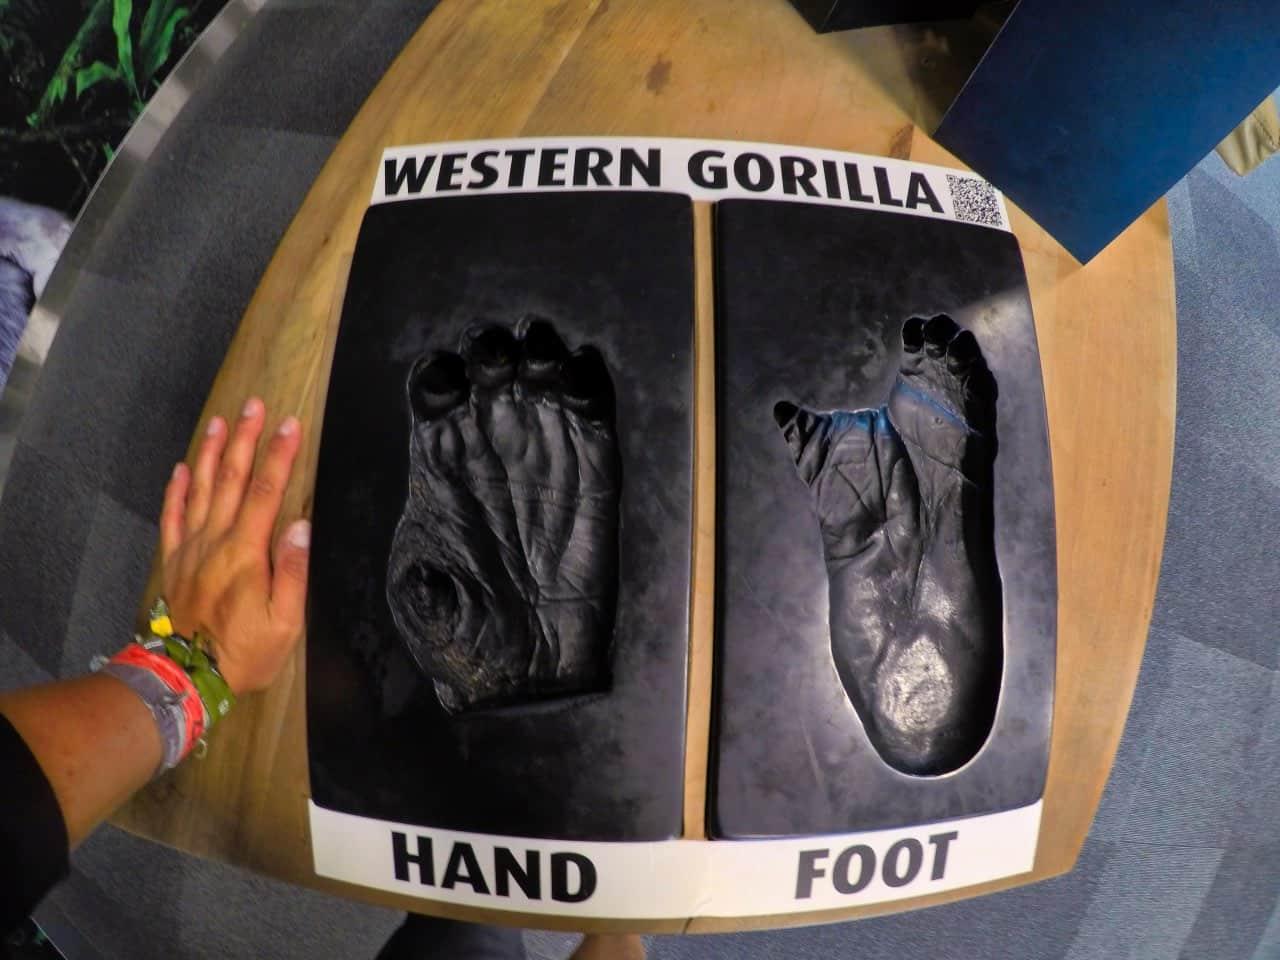 Western-Gorilla-Foot-Hand-Orana-Wildlife-Park-Christchurch